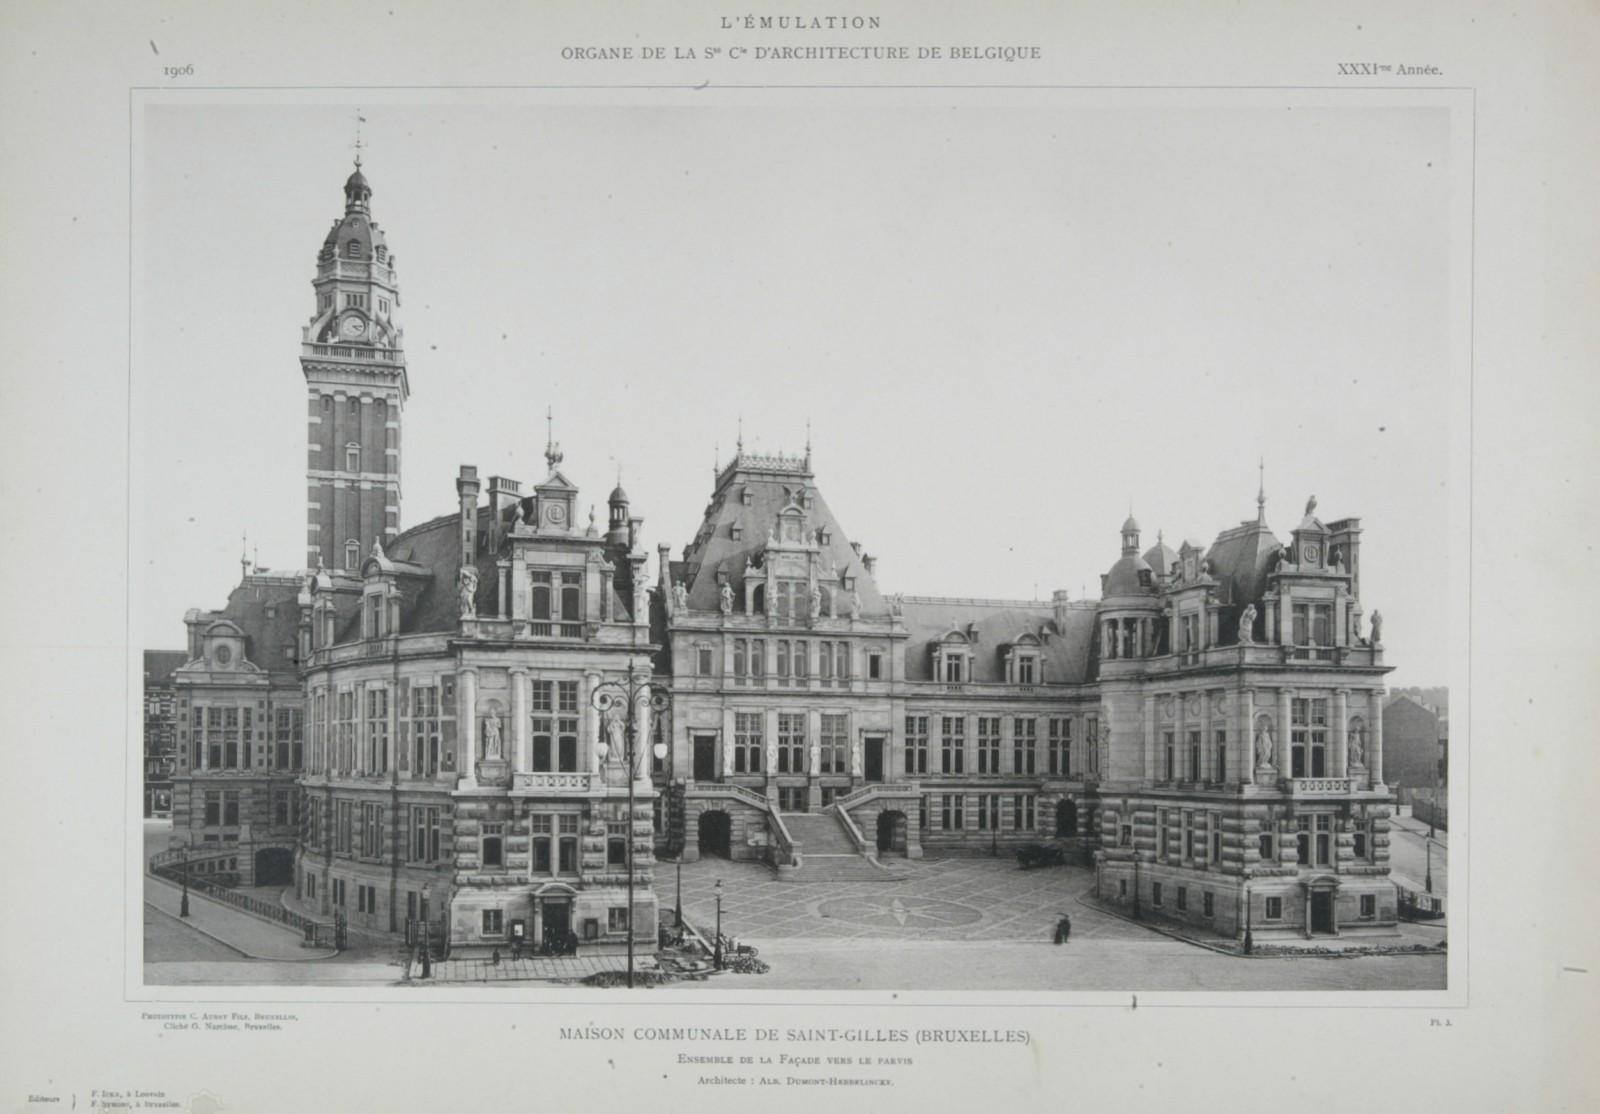 Style néo-Renaissance française, hôtel de ville, place Maurice Van Meenen 39, Saint-Gilles, 1896, architectes Albert Dumont et Auguste Hebbelynck (<i>L\'Émulation</i>, 1906, pl. 1).